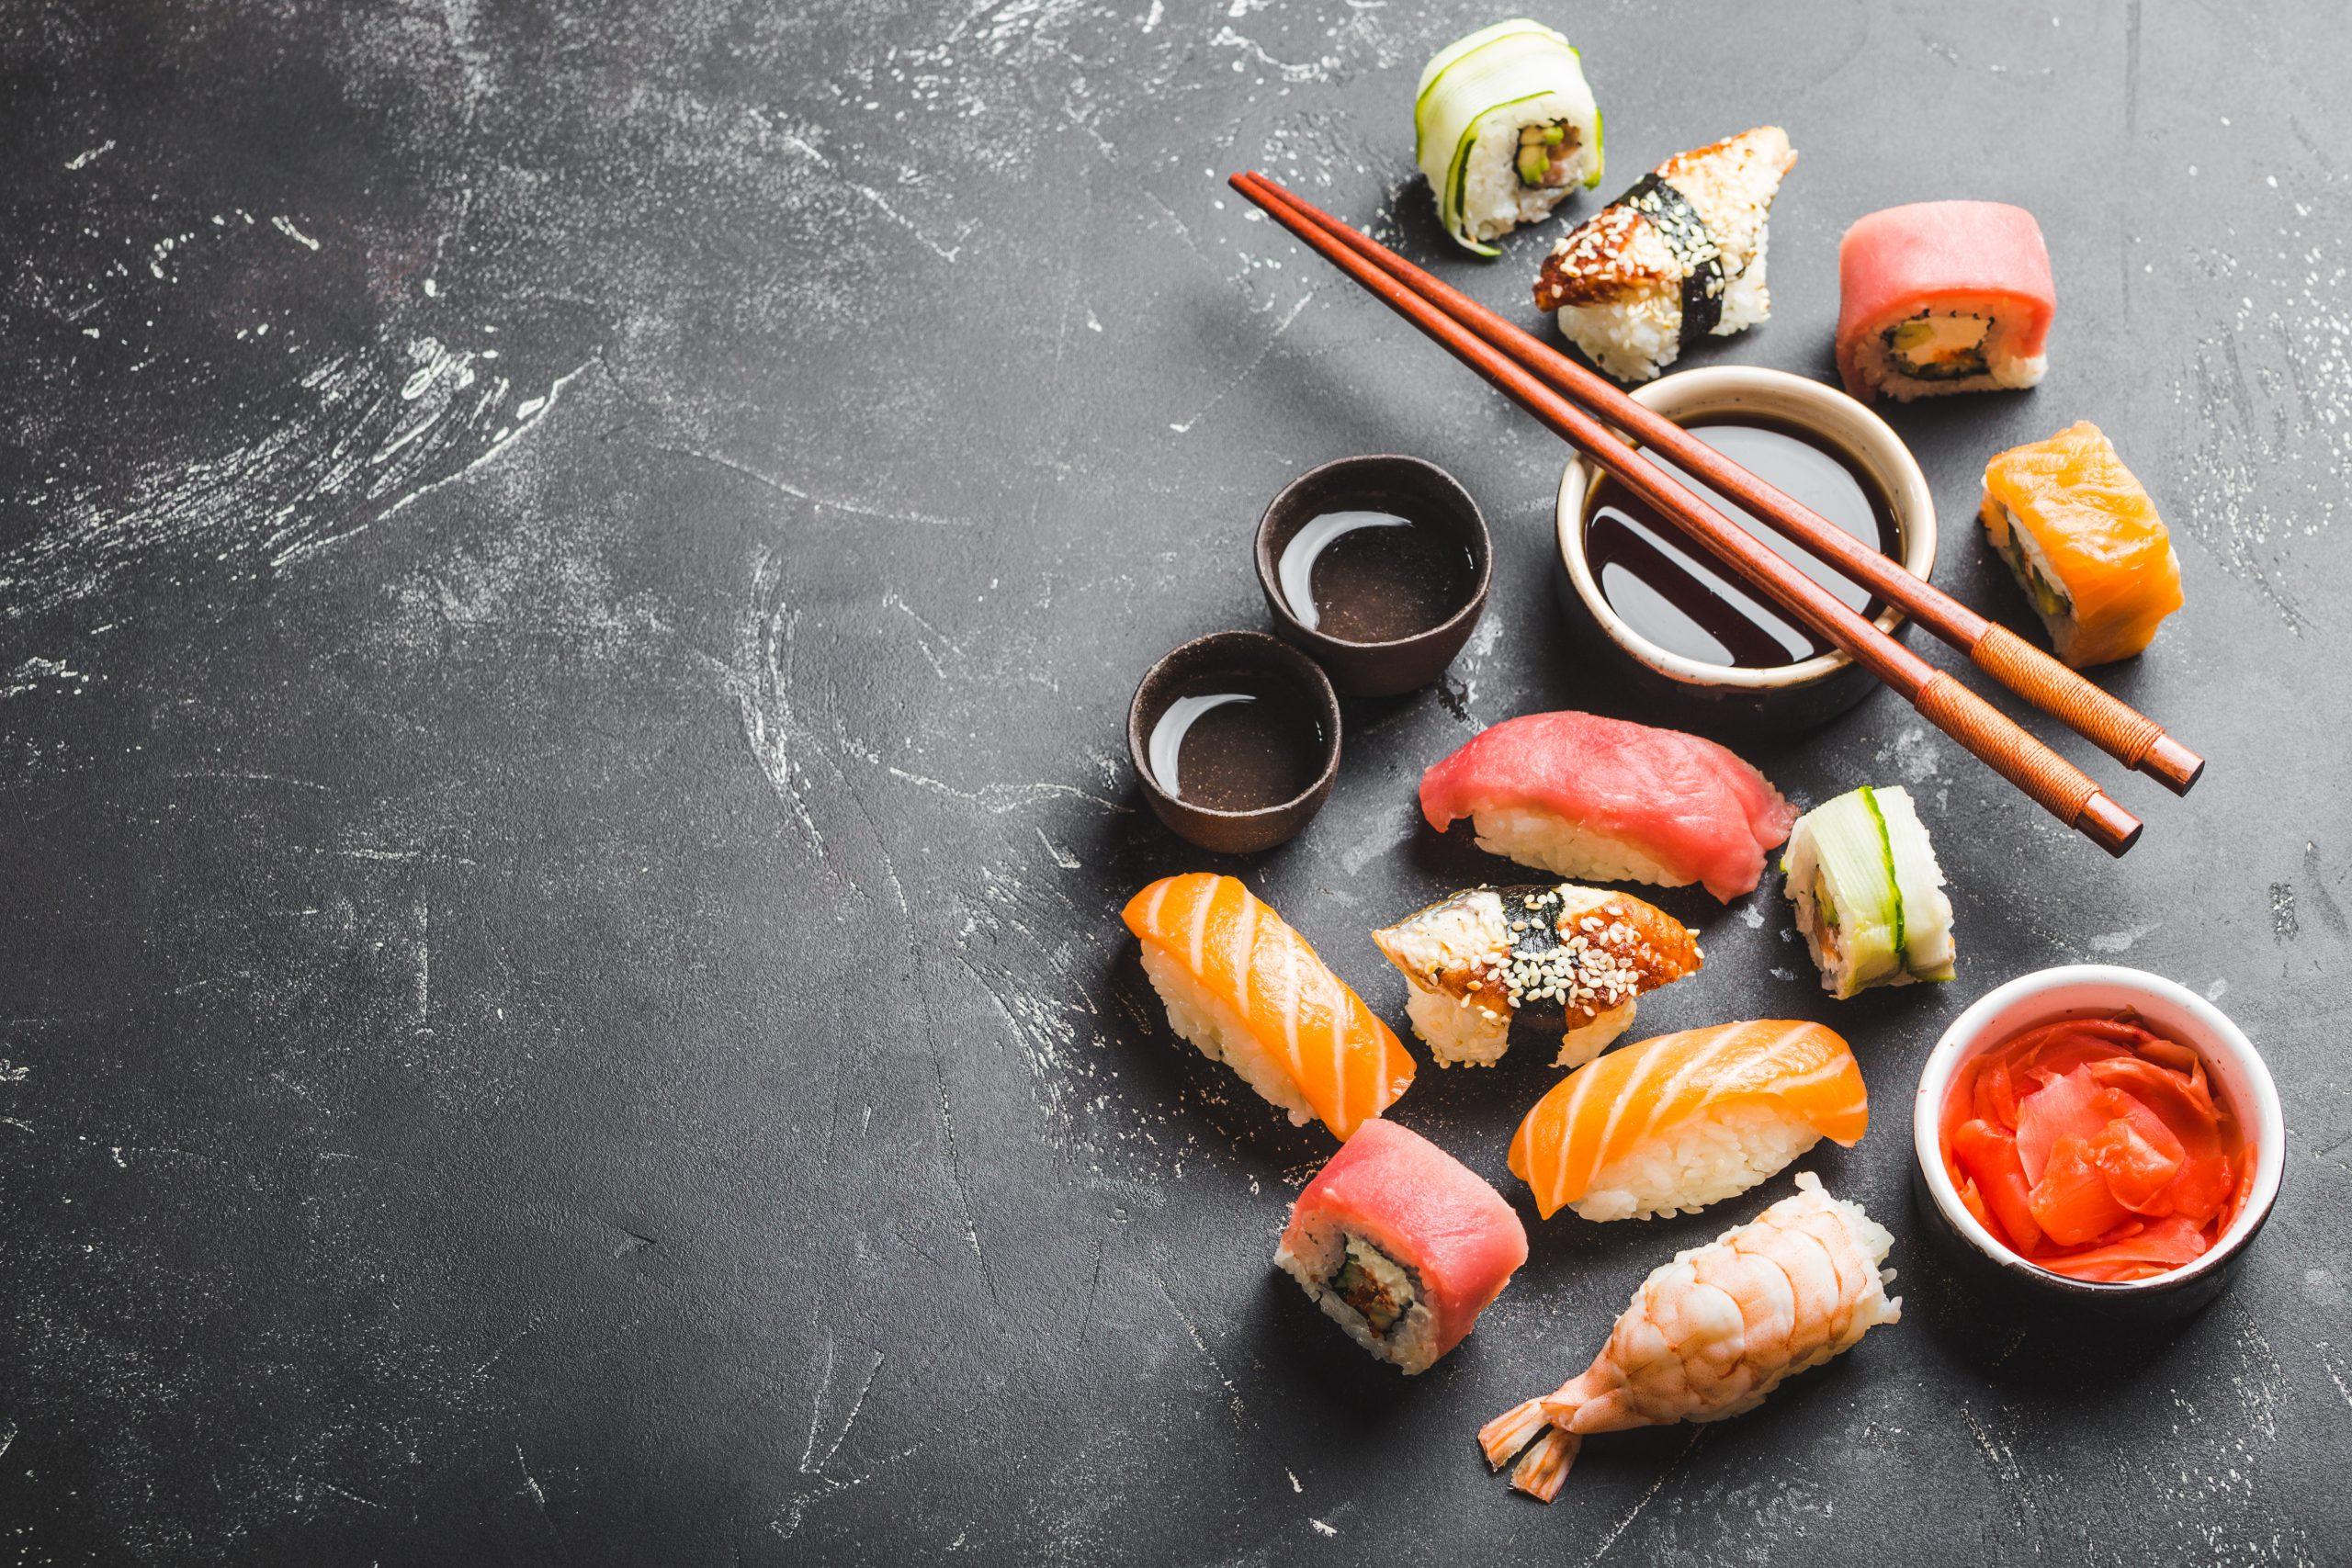 お寿司とワインで贅沢な気分を味わおう!お寿司に合うワインも紹介